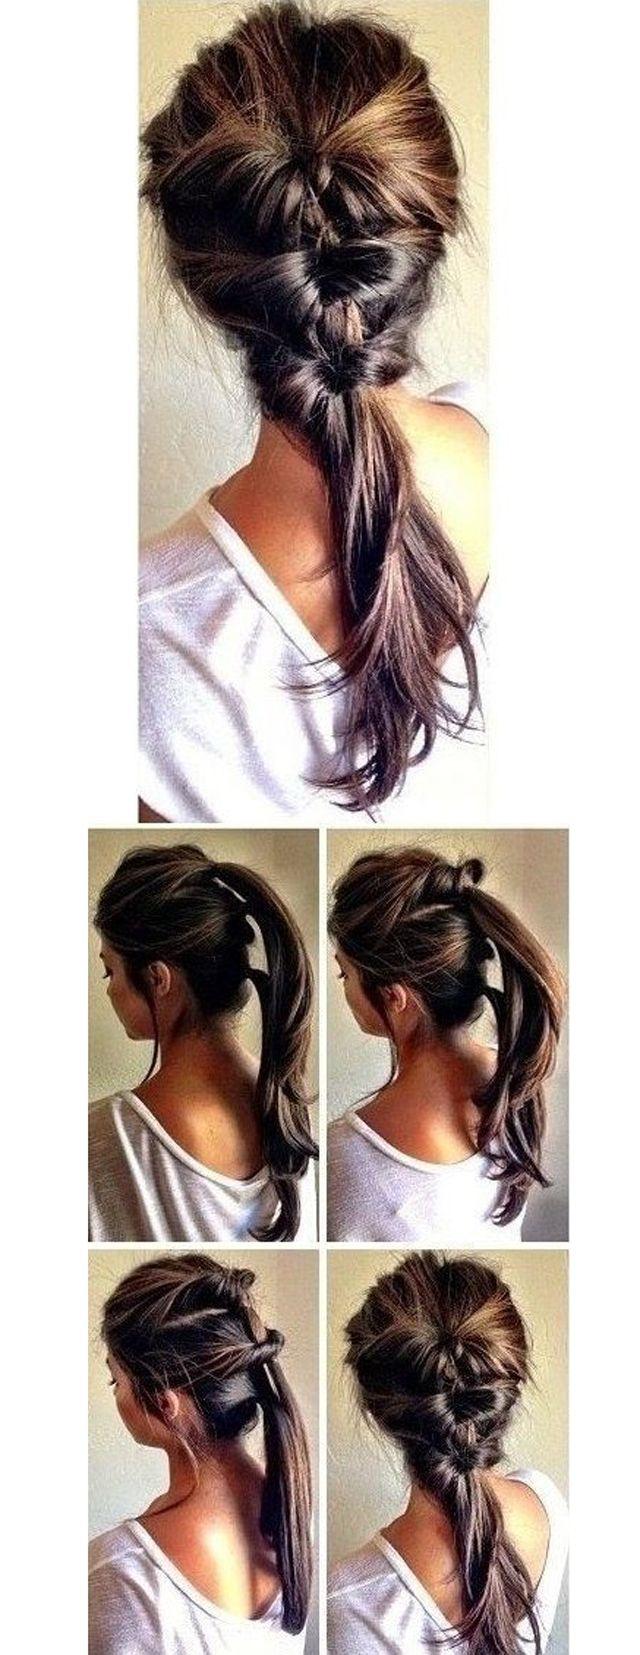 tuto coiffures pour une rentrée bien peignée hair style makeup